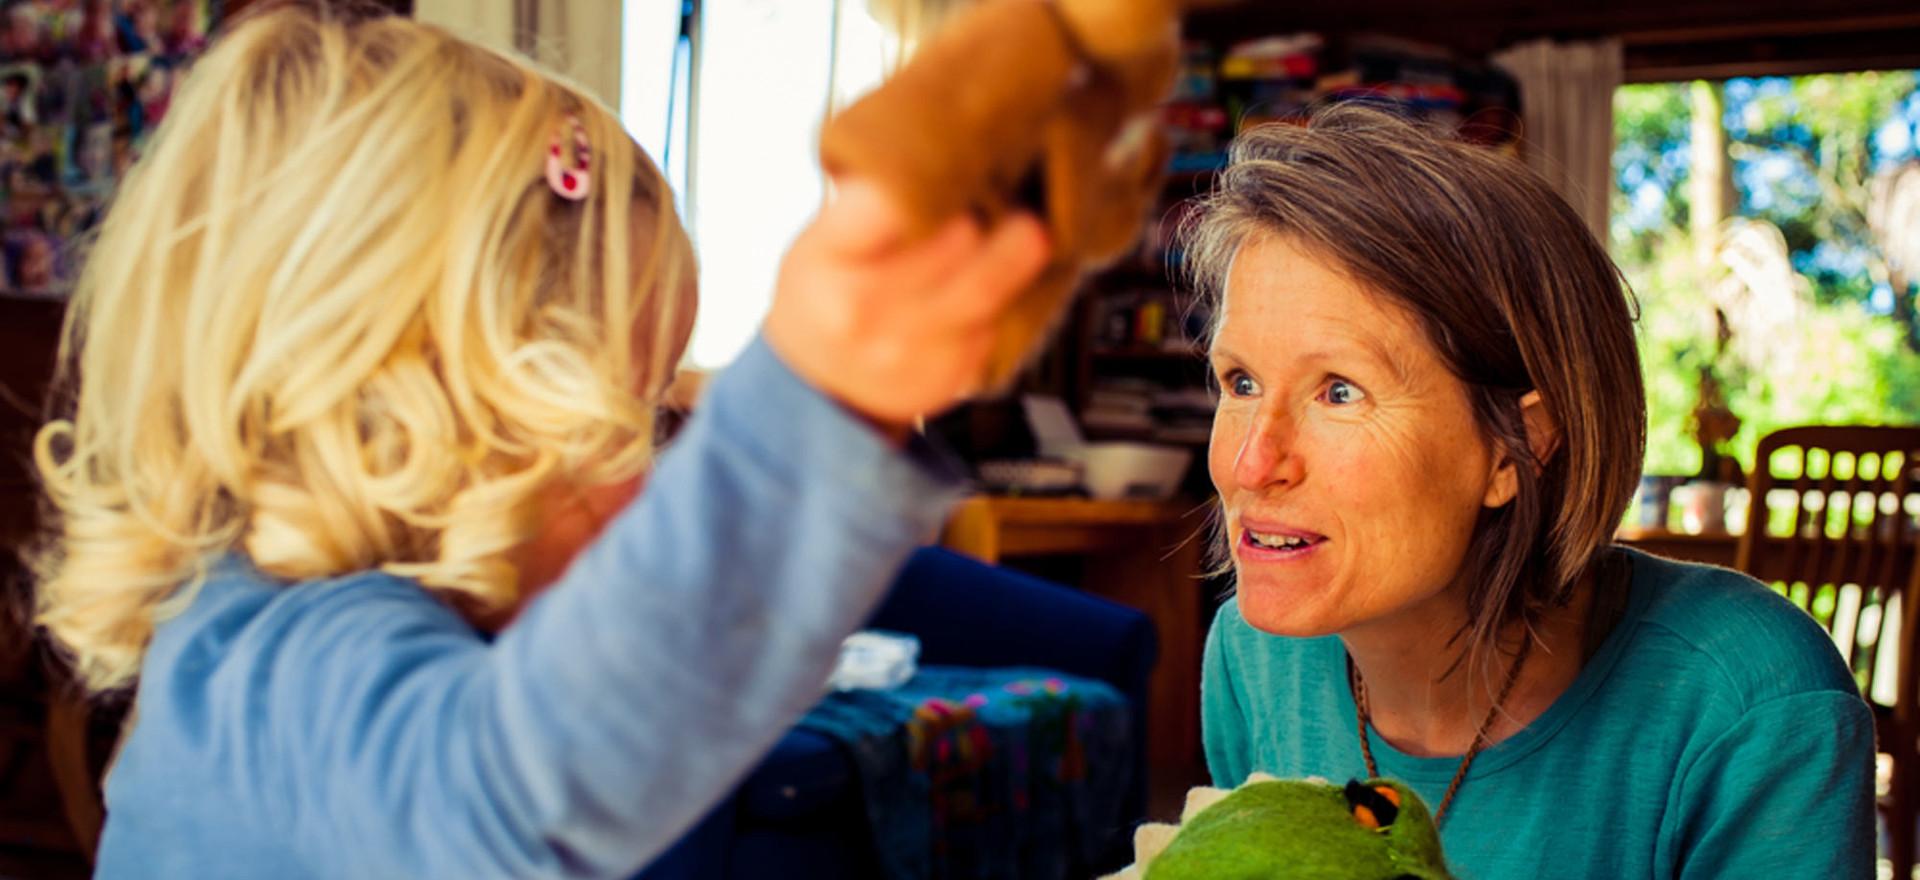 girl-mum-play-puppets-josie-gritten-phot